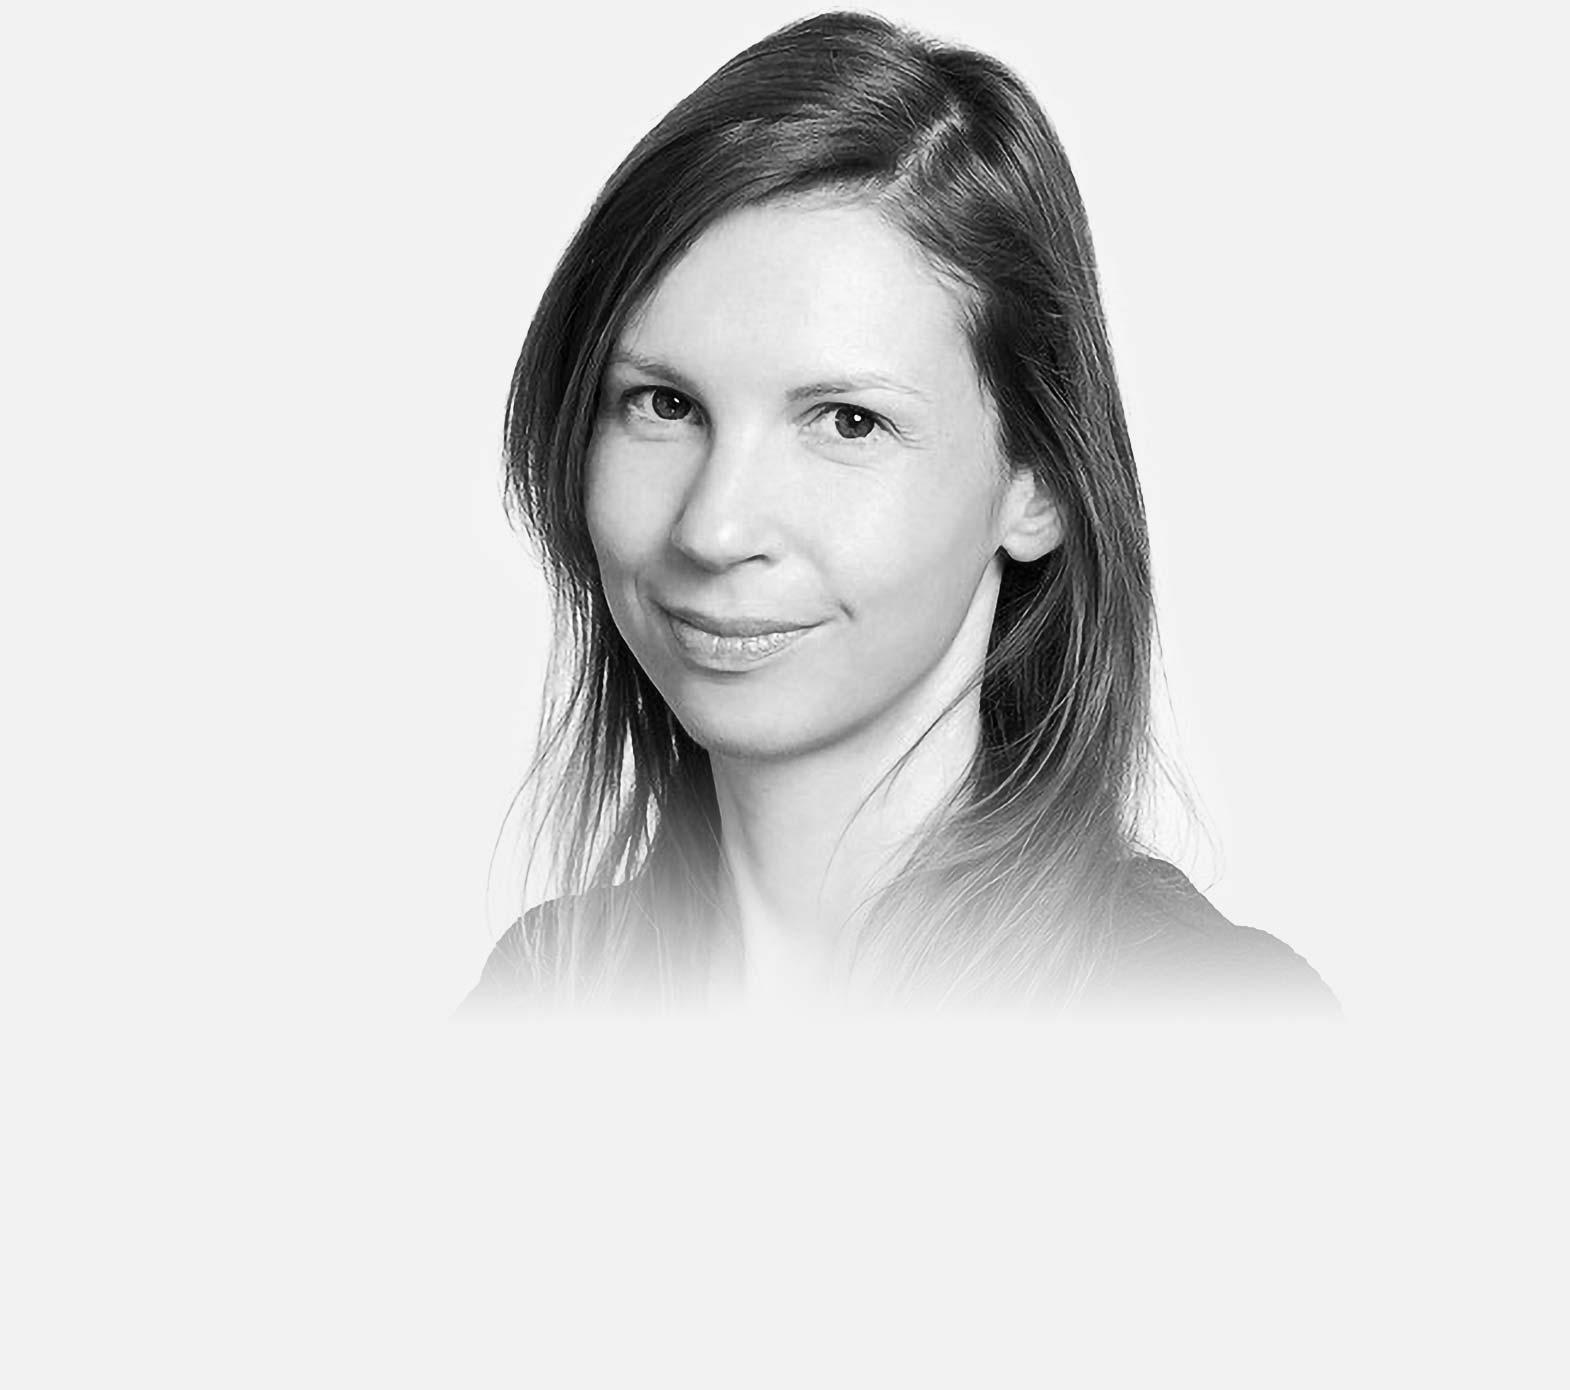 Portrait of Ariela Becker